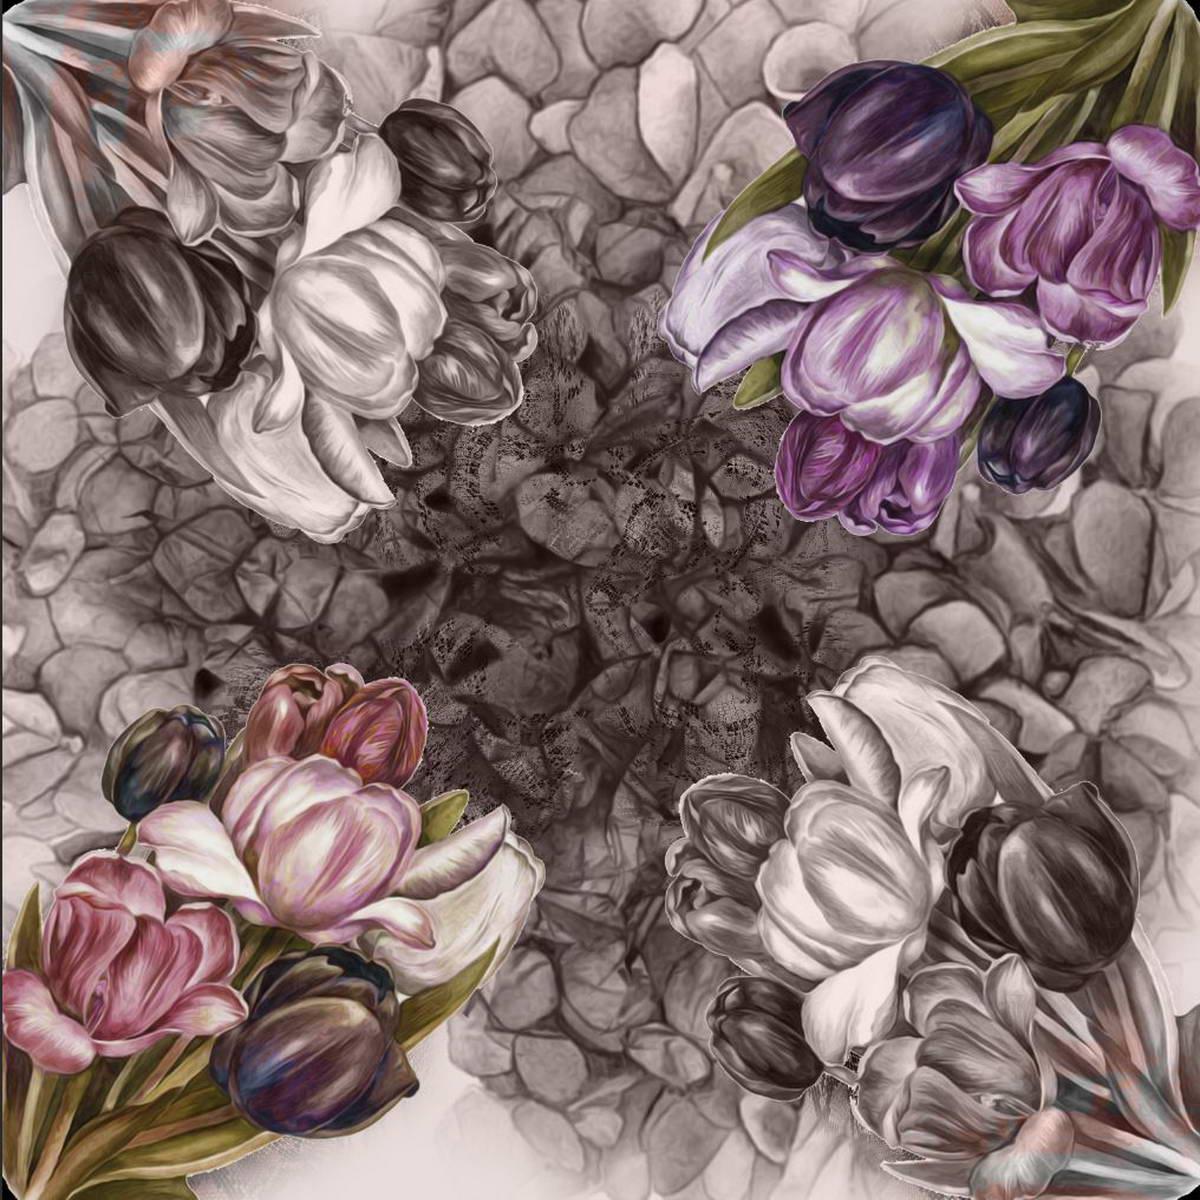 Платок3902627-1Интересный платок размером 90 х 90 с интересным зеркальным принтом выполнен в фиолетовом цвете. Необычный рисунок привлечет ваше внимание своей уникальностью. Вы будете неповторимы.